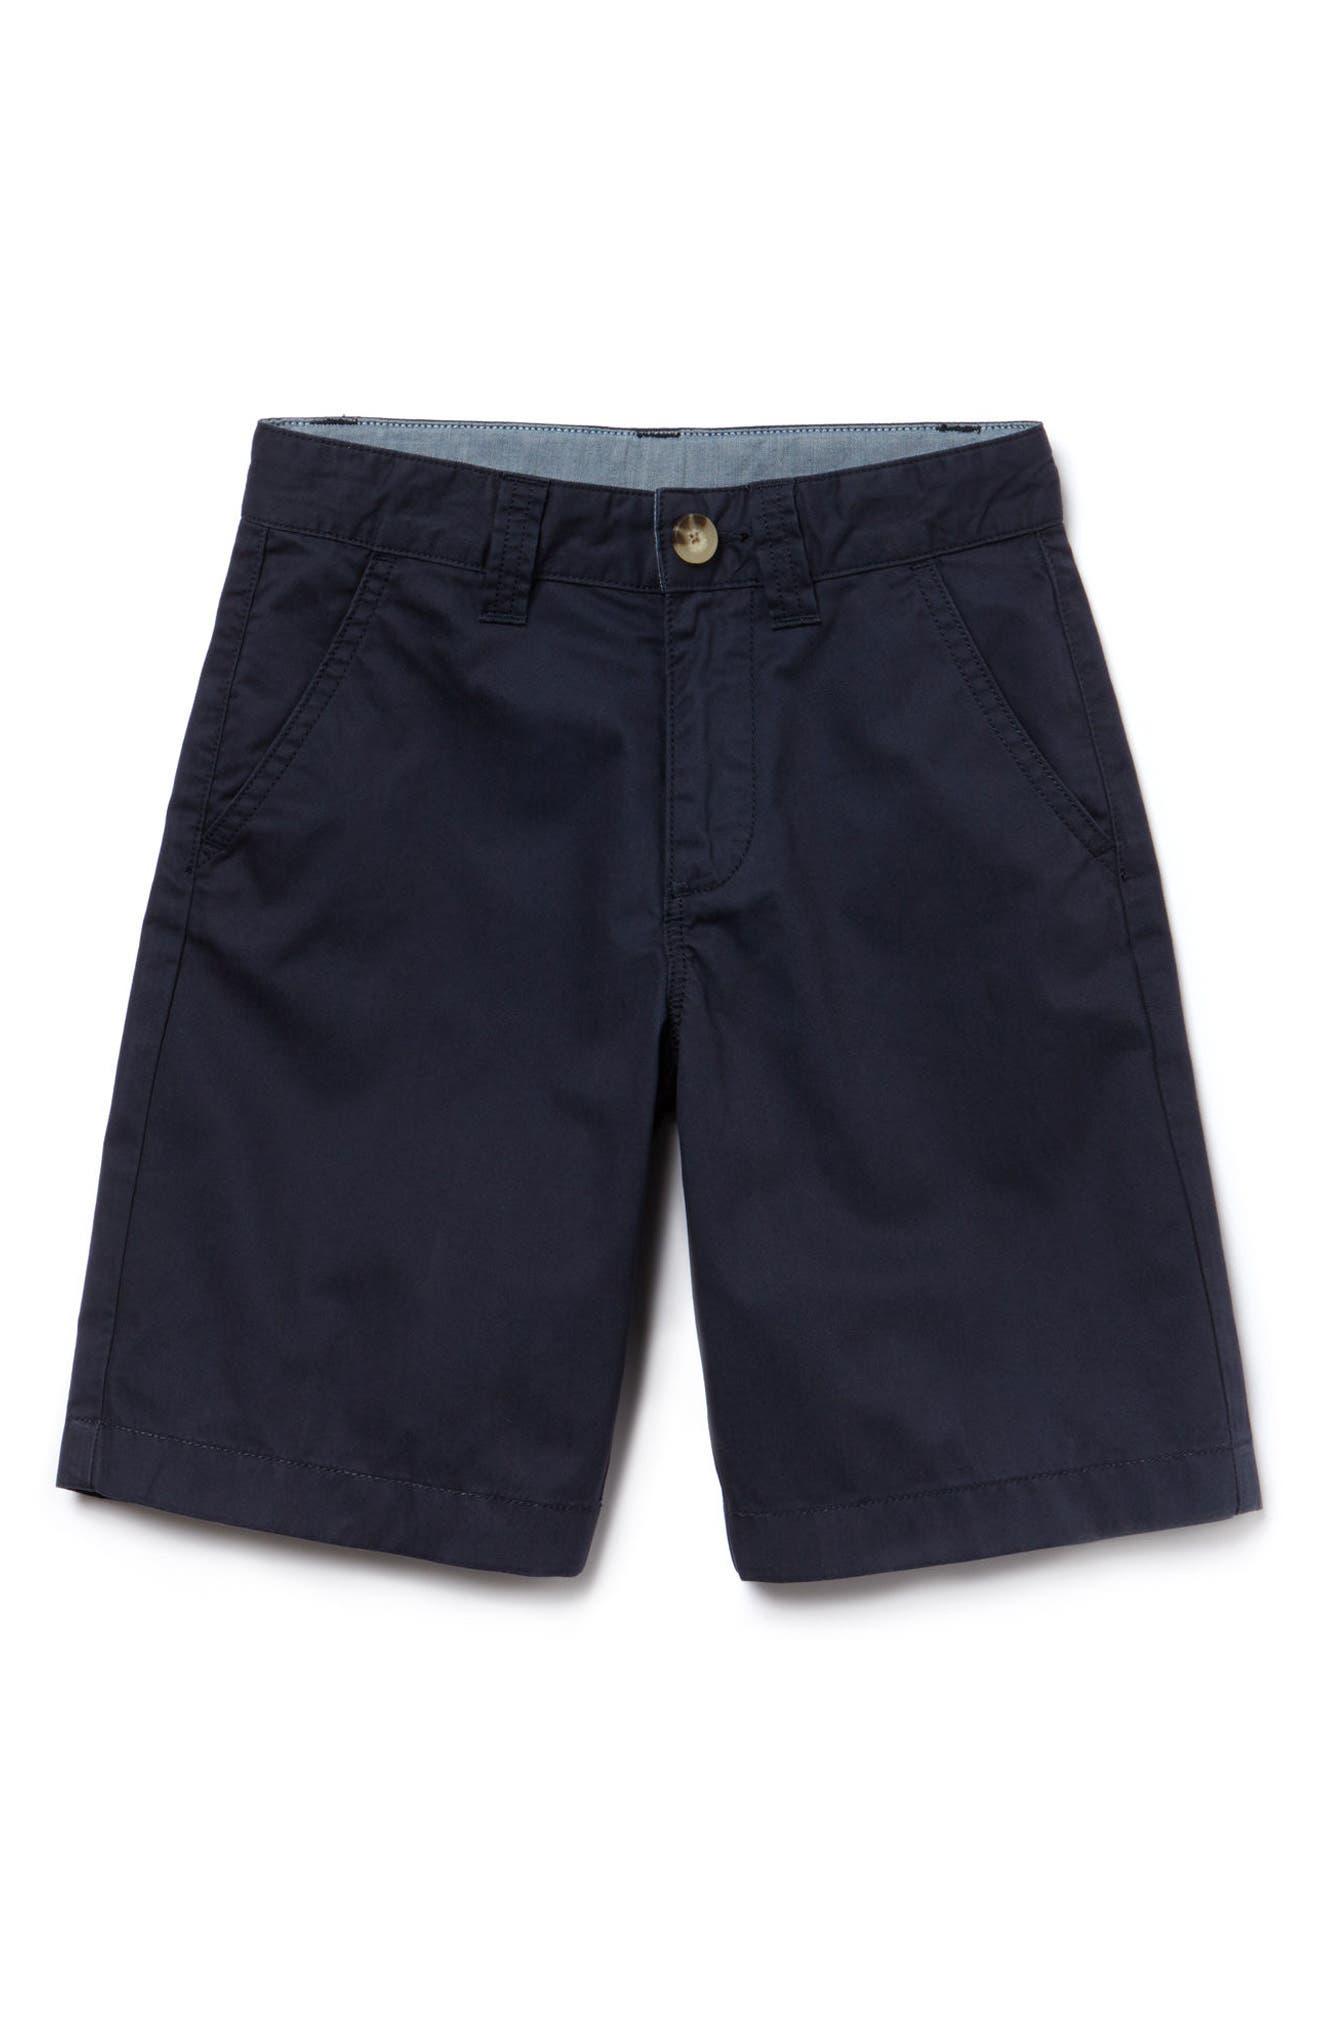 Classic Bermuda Shorts,                             Main thumbnail 1, color,                             Navy Blue